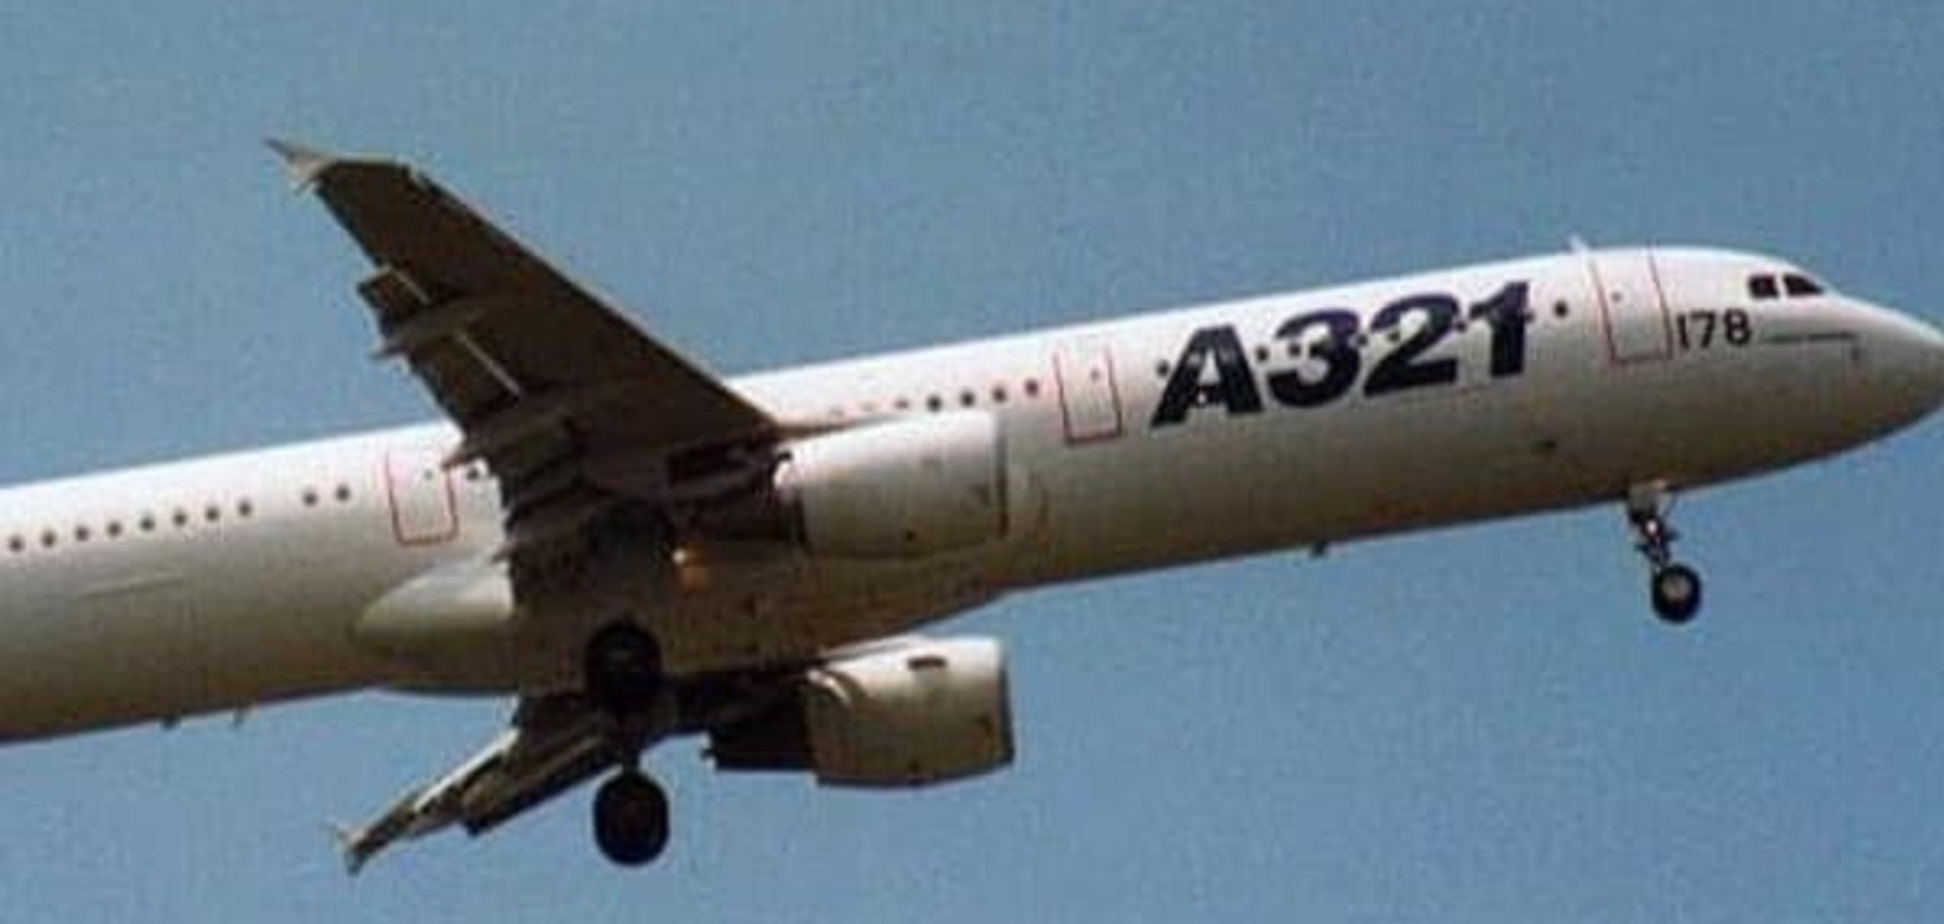 Авиакатастрофа в Египте: СМИ узнали, как террористы взорвали самолет с российскими туристами